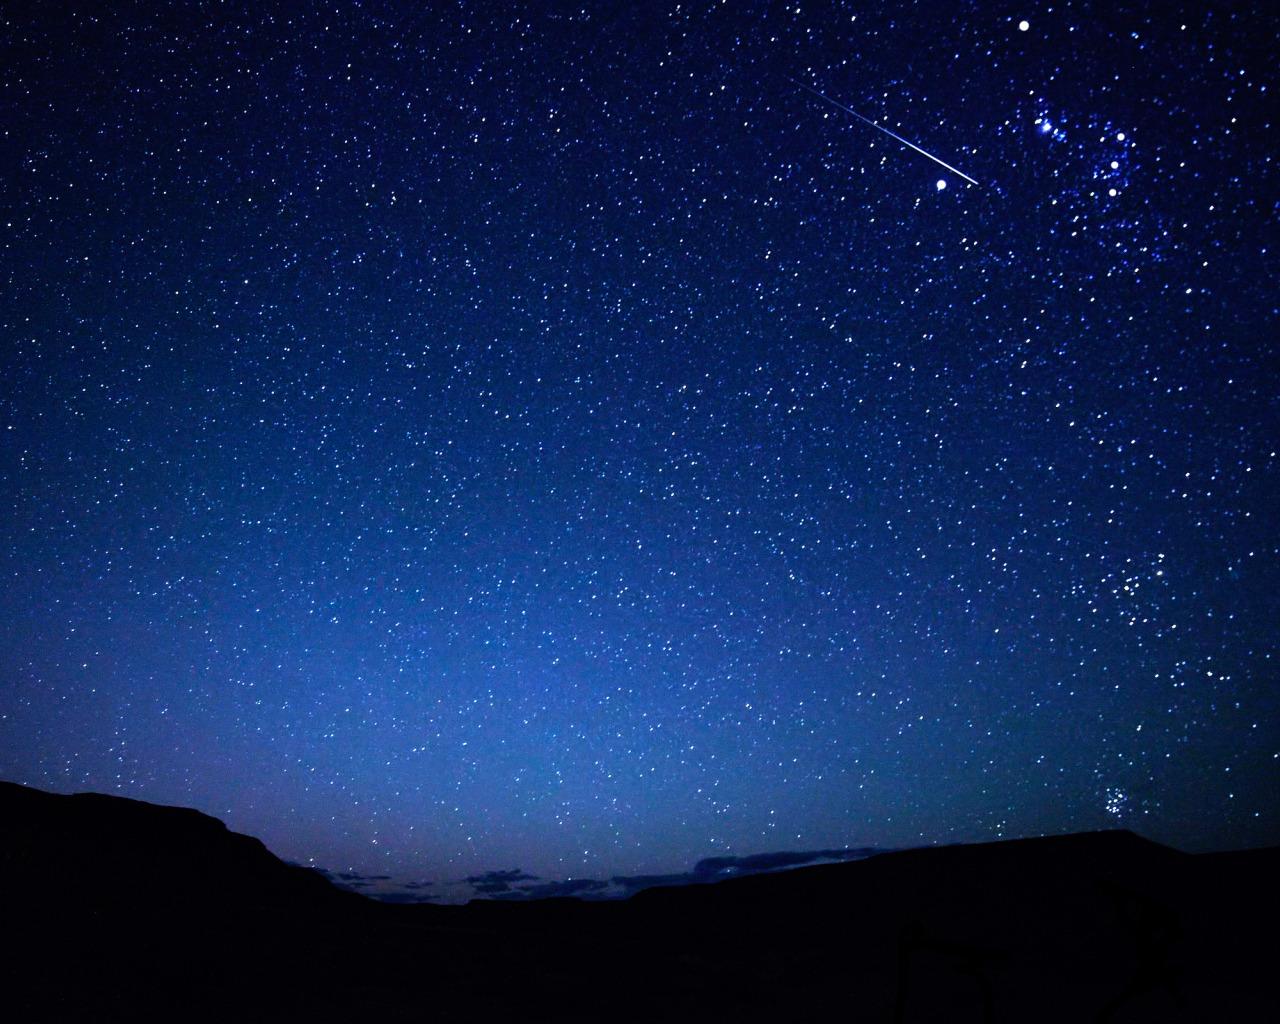 Смотреть фото звезд и ночного неба